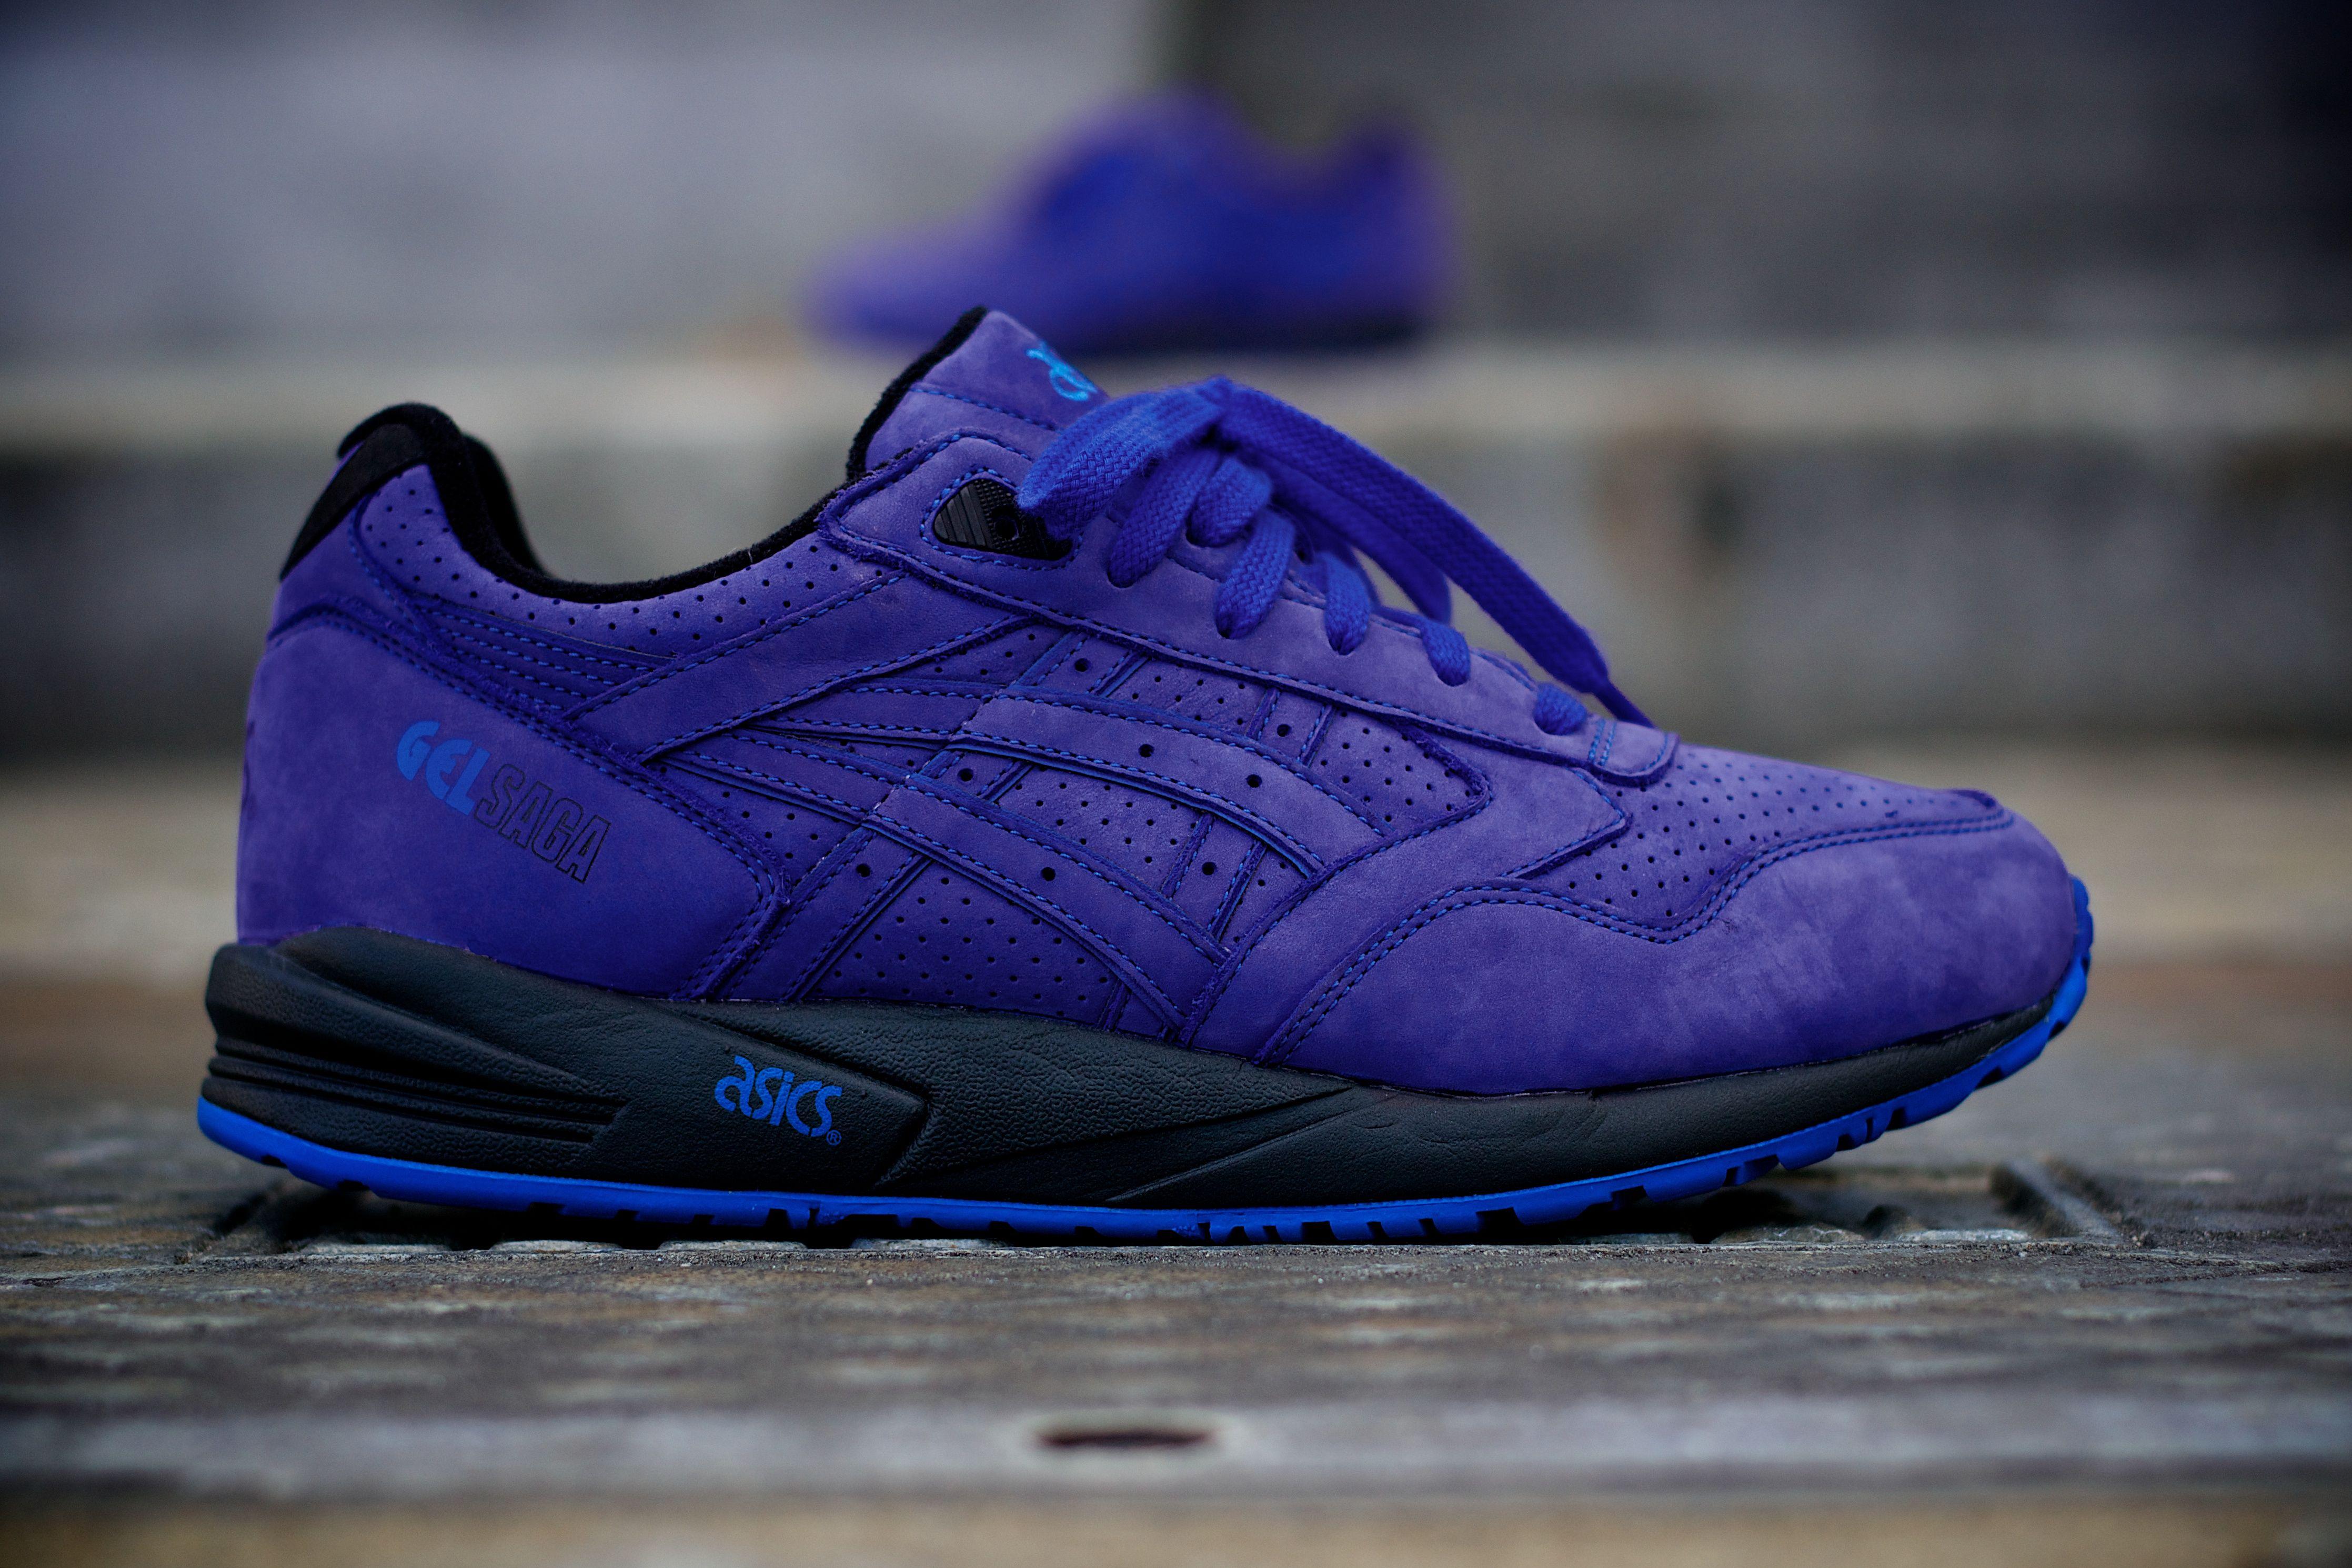 Ronnie Fieg x Asics GEL Saga 'Mazarine Blue' Sneaker ...